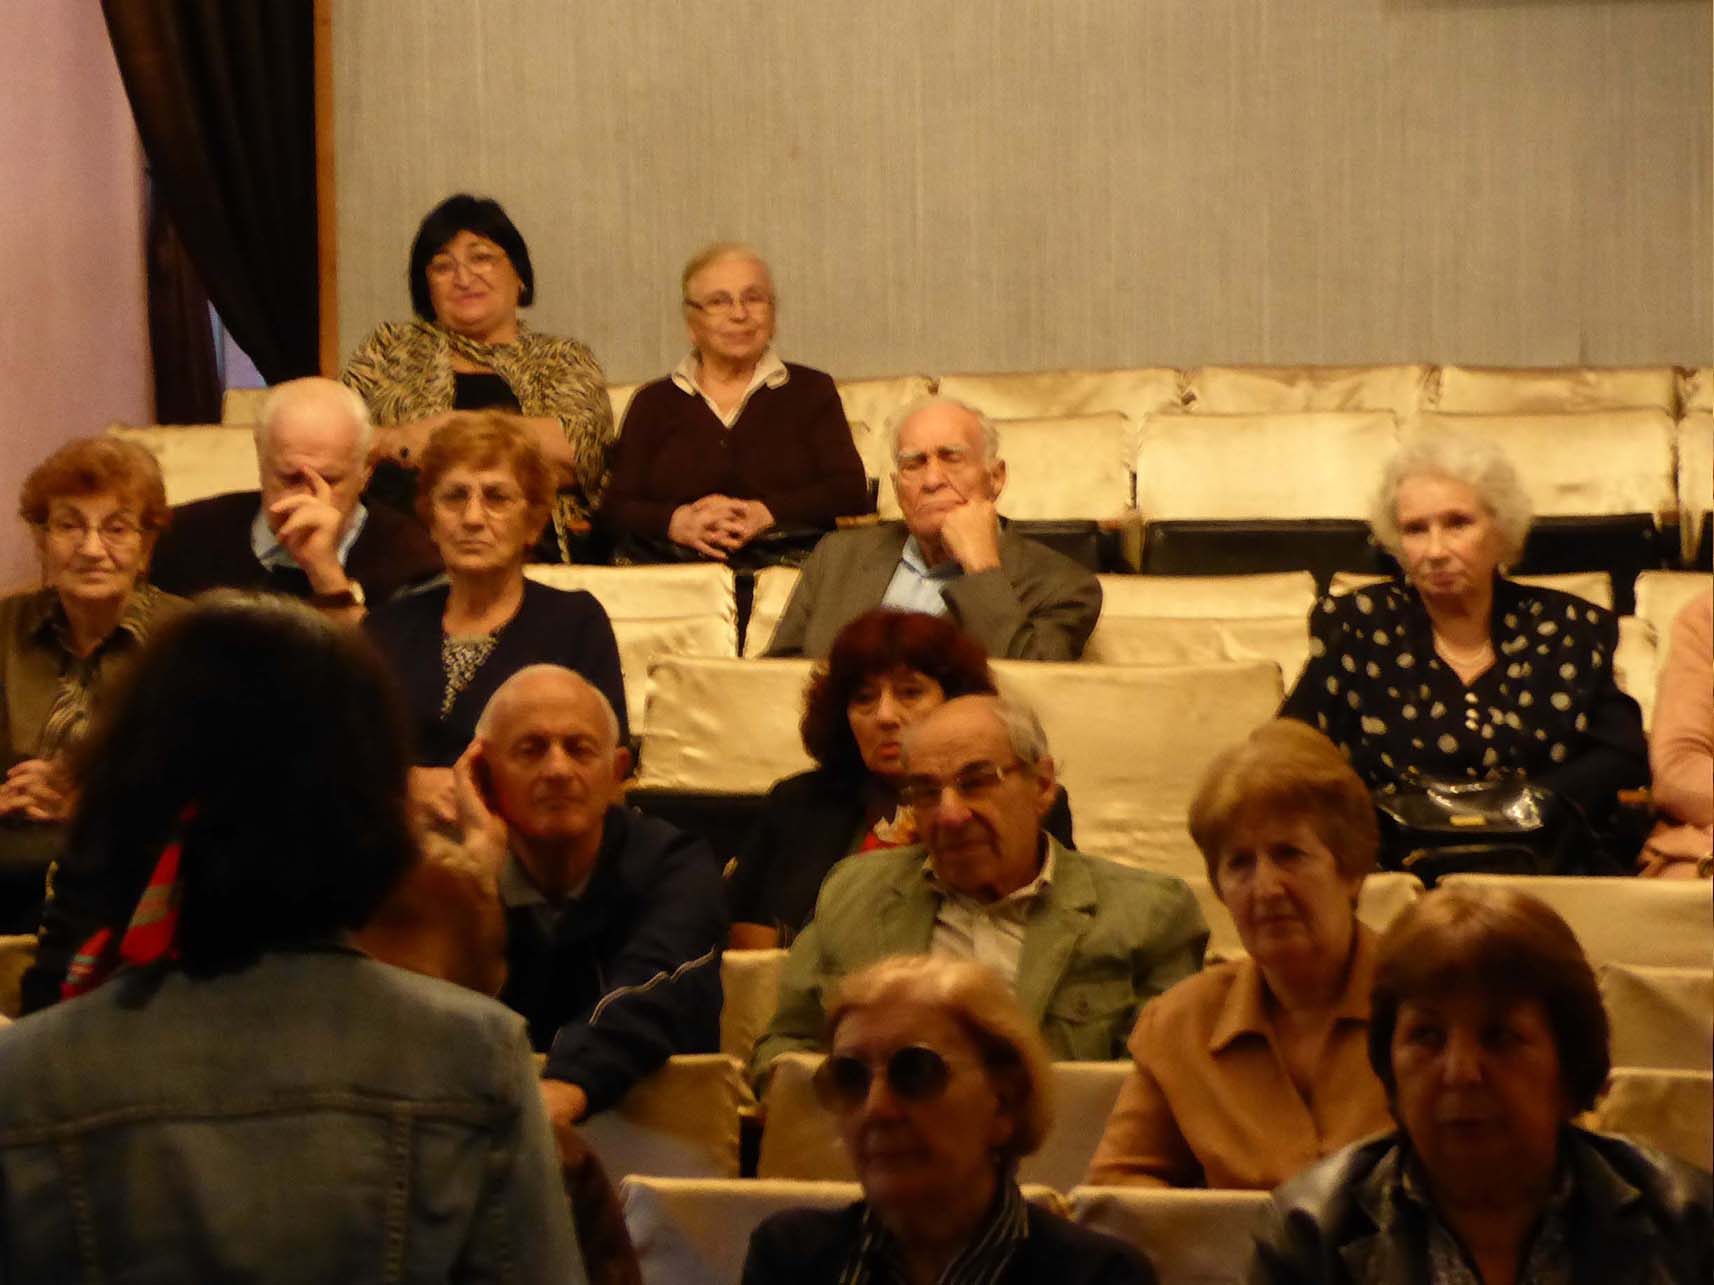 apa &#39;15_Footnotes on... / Tbilisi Senior citizens, informal meeting, oct 2015 <br />(Giorgi Leonidze State Museum of Georgian Literature Tbilisi)